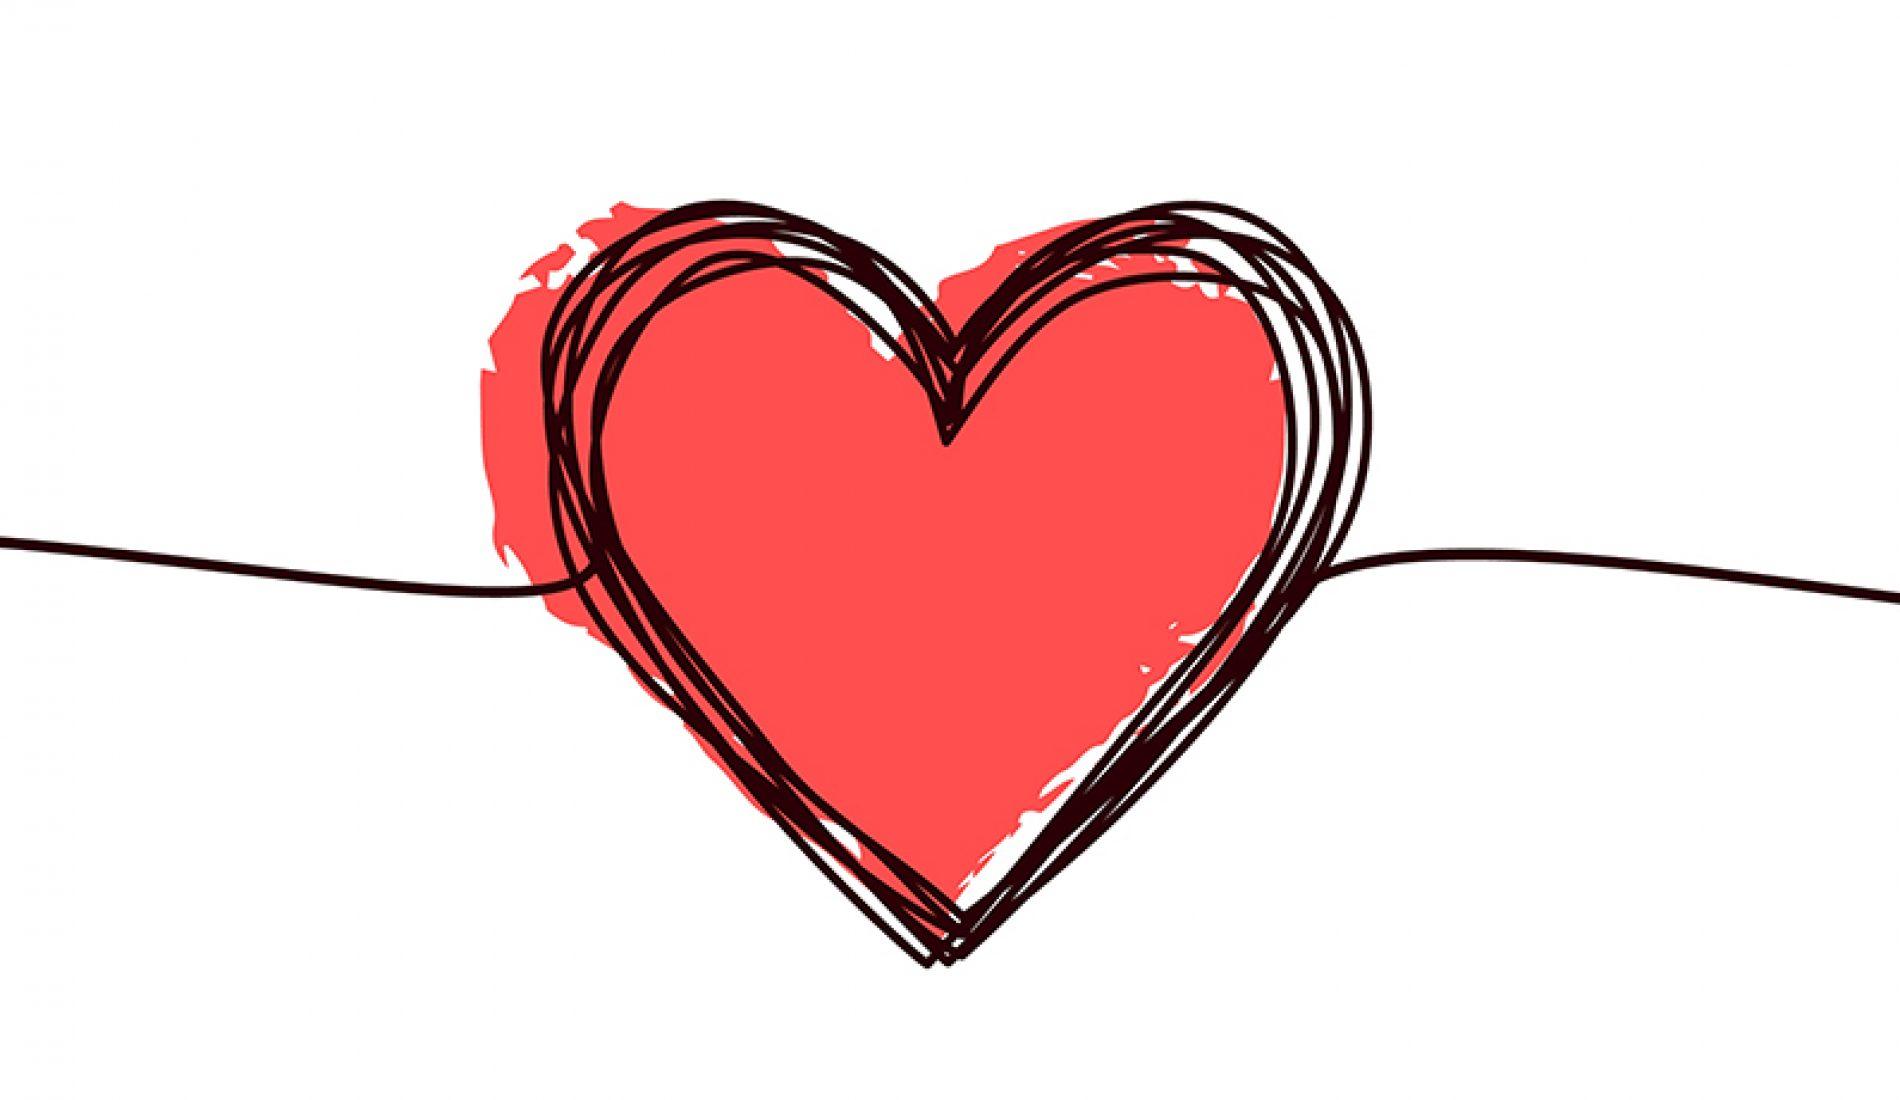 Hjerte_tre romaner